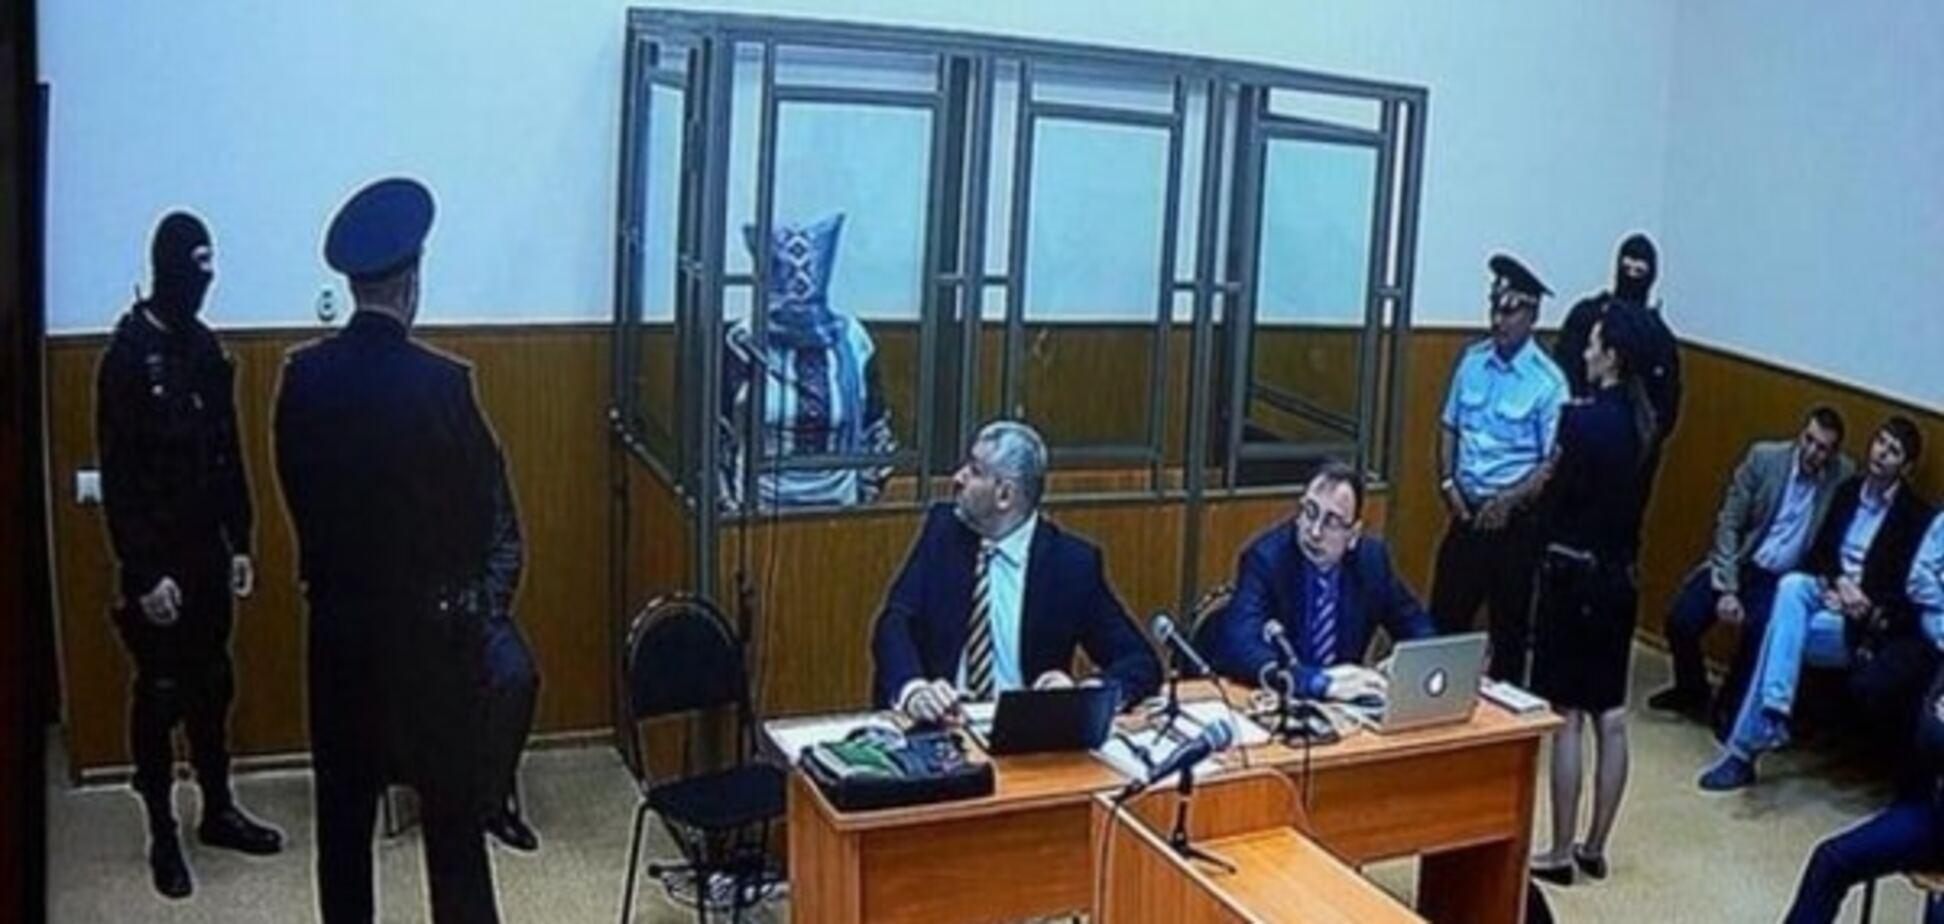 Савченко вдягла на голову мішок під час засідання суду: фотофакт